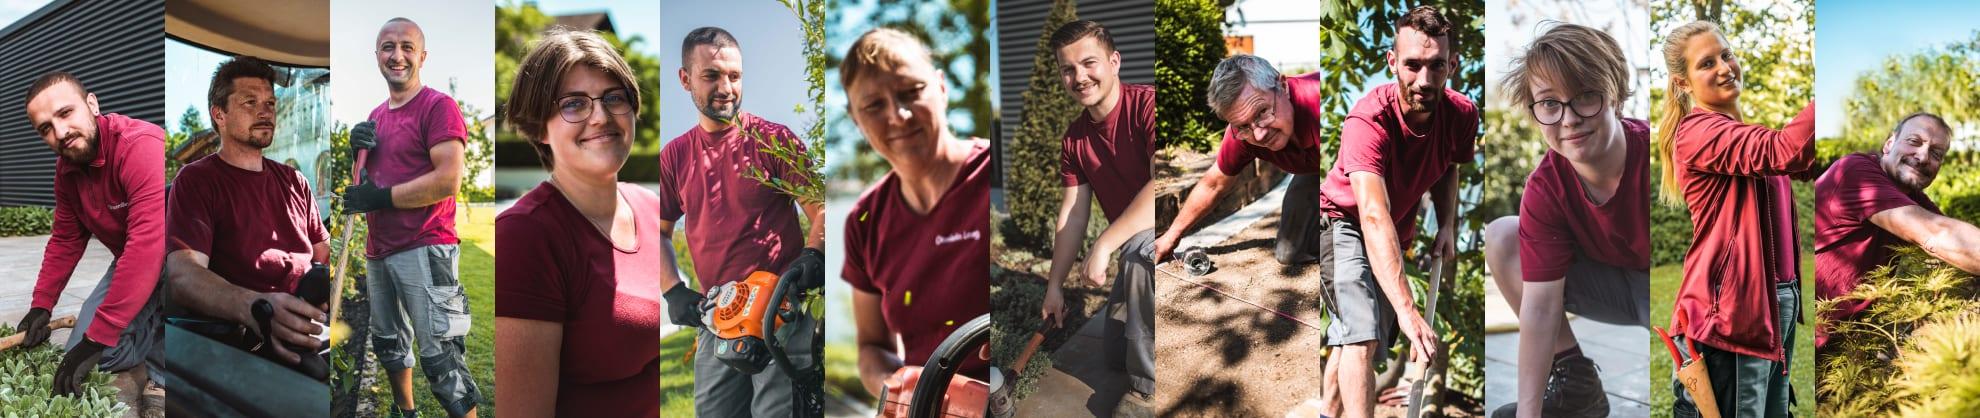 Team Gartengestaltung Bjorn Brand